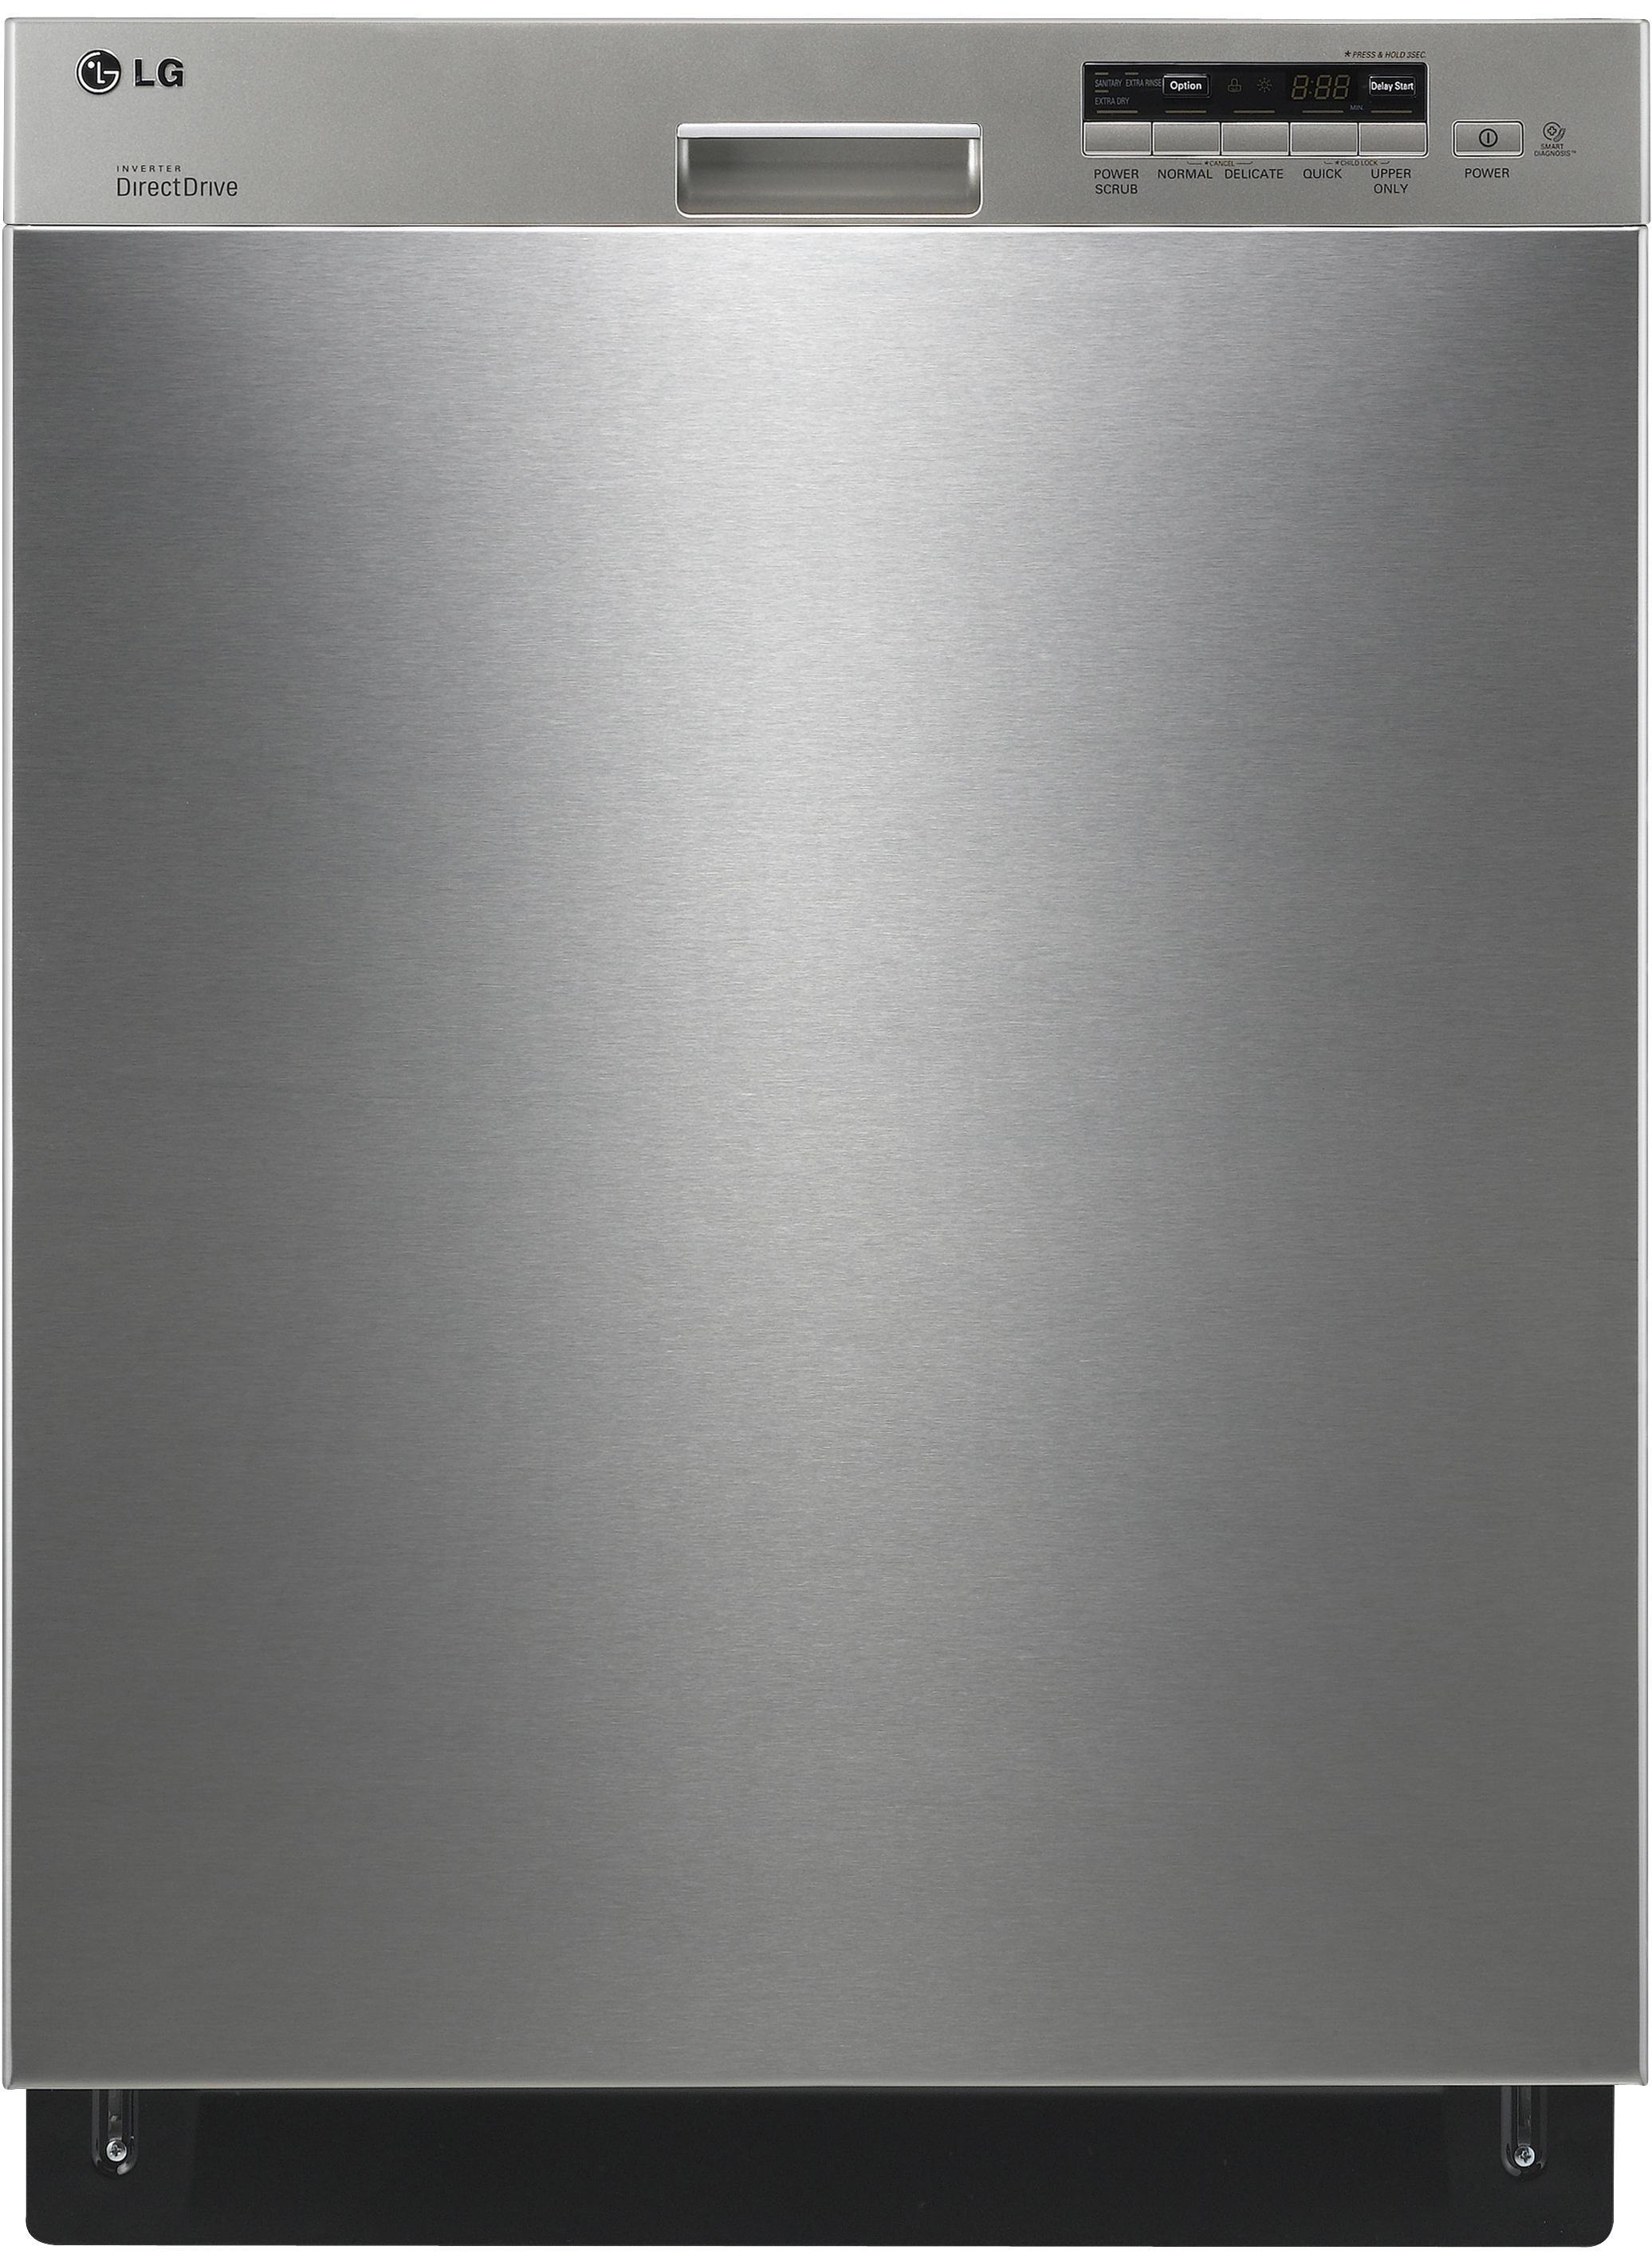 """LG Appliances Dishwashers 24"""" Built-In Dishwasher - Item Number: LDS5040ST"""